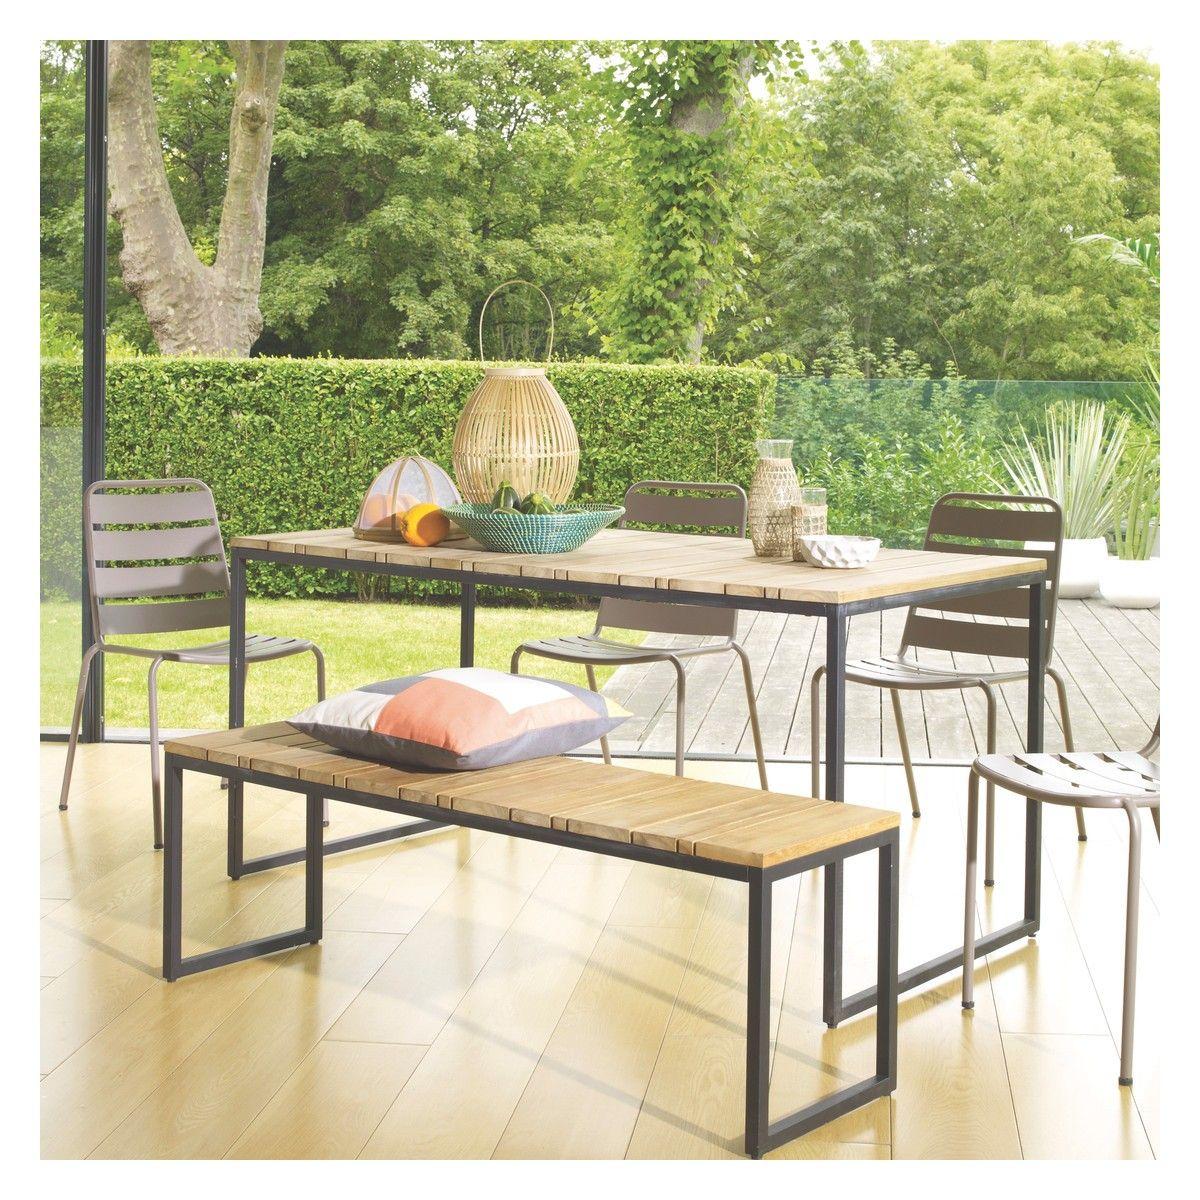 Raven 6 Seat Teak And Metal Garden Table Metal Garden Table And Metal Garden Chairs